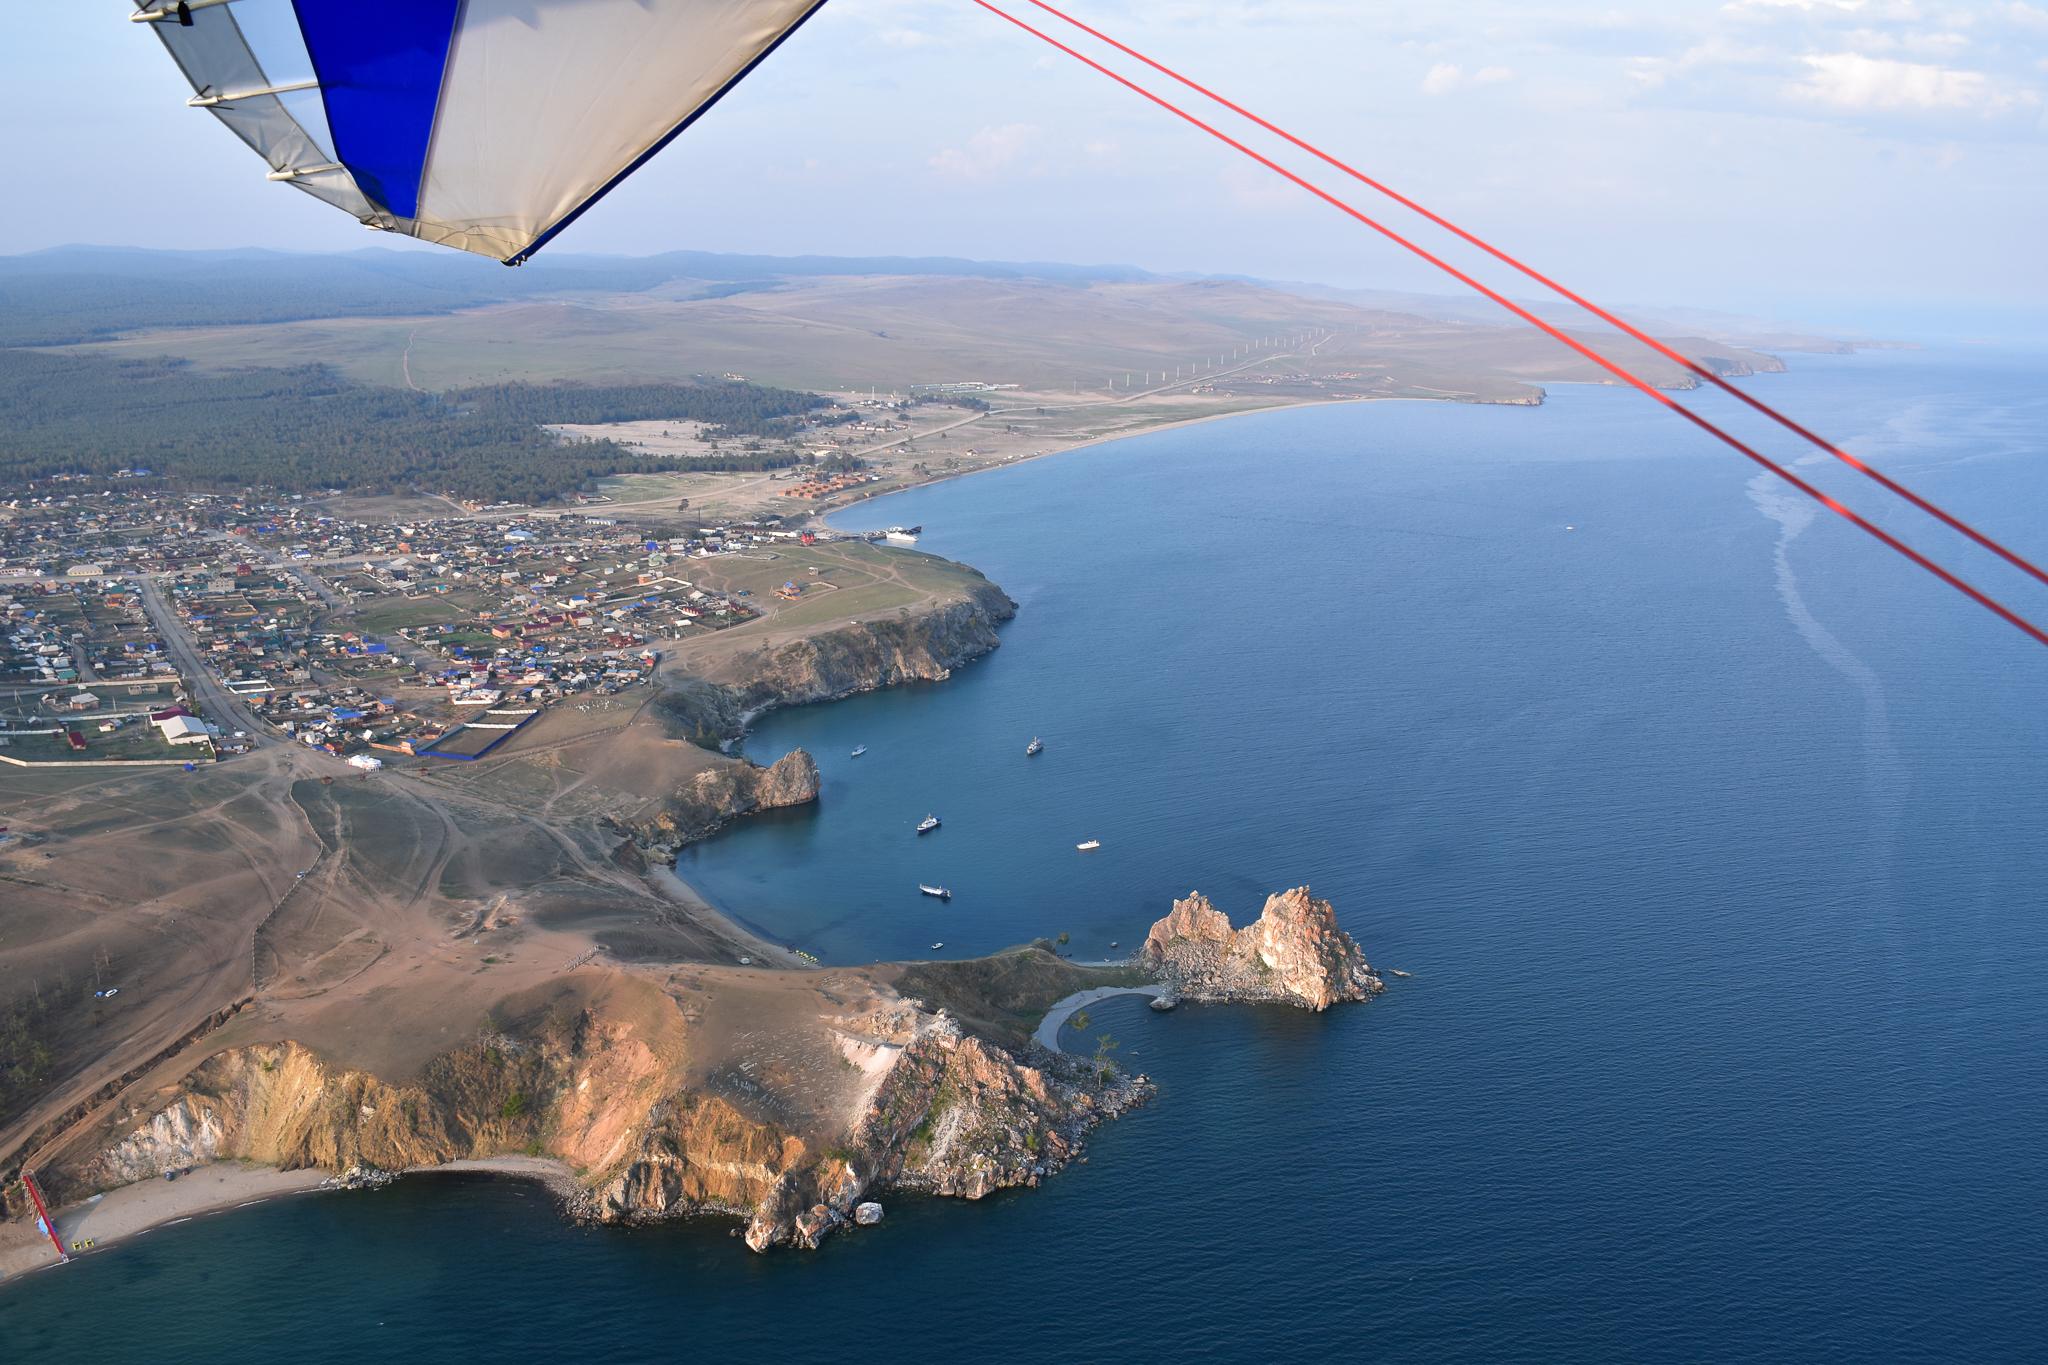 Flying expedition to Baikal, Part 2 — Olkhon Island - Лётная экспедиция в Прибайкалье, ч.2 - Остров Ольхон